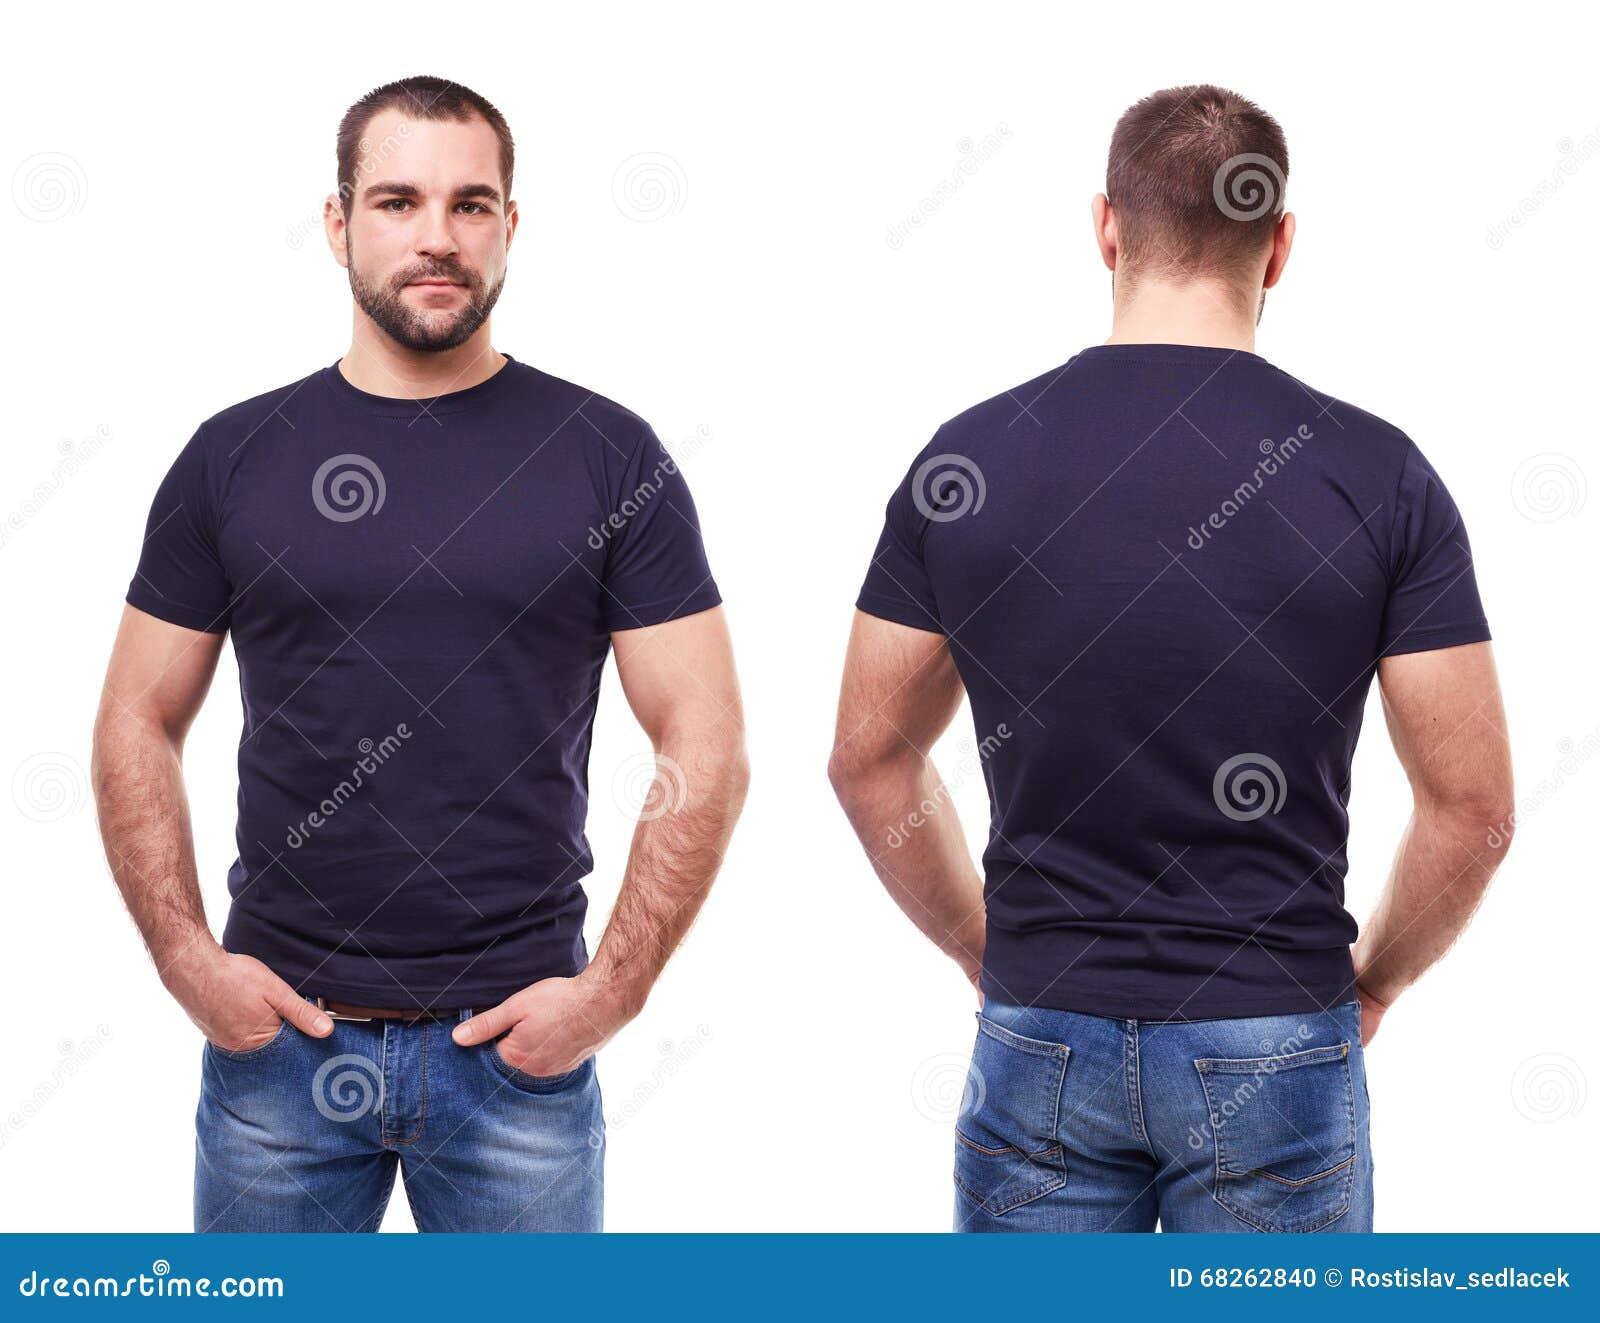 Красивый человек в черной футболке